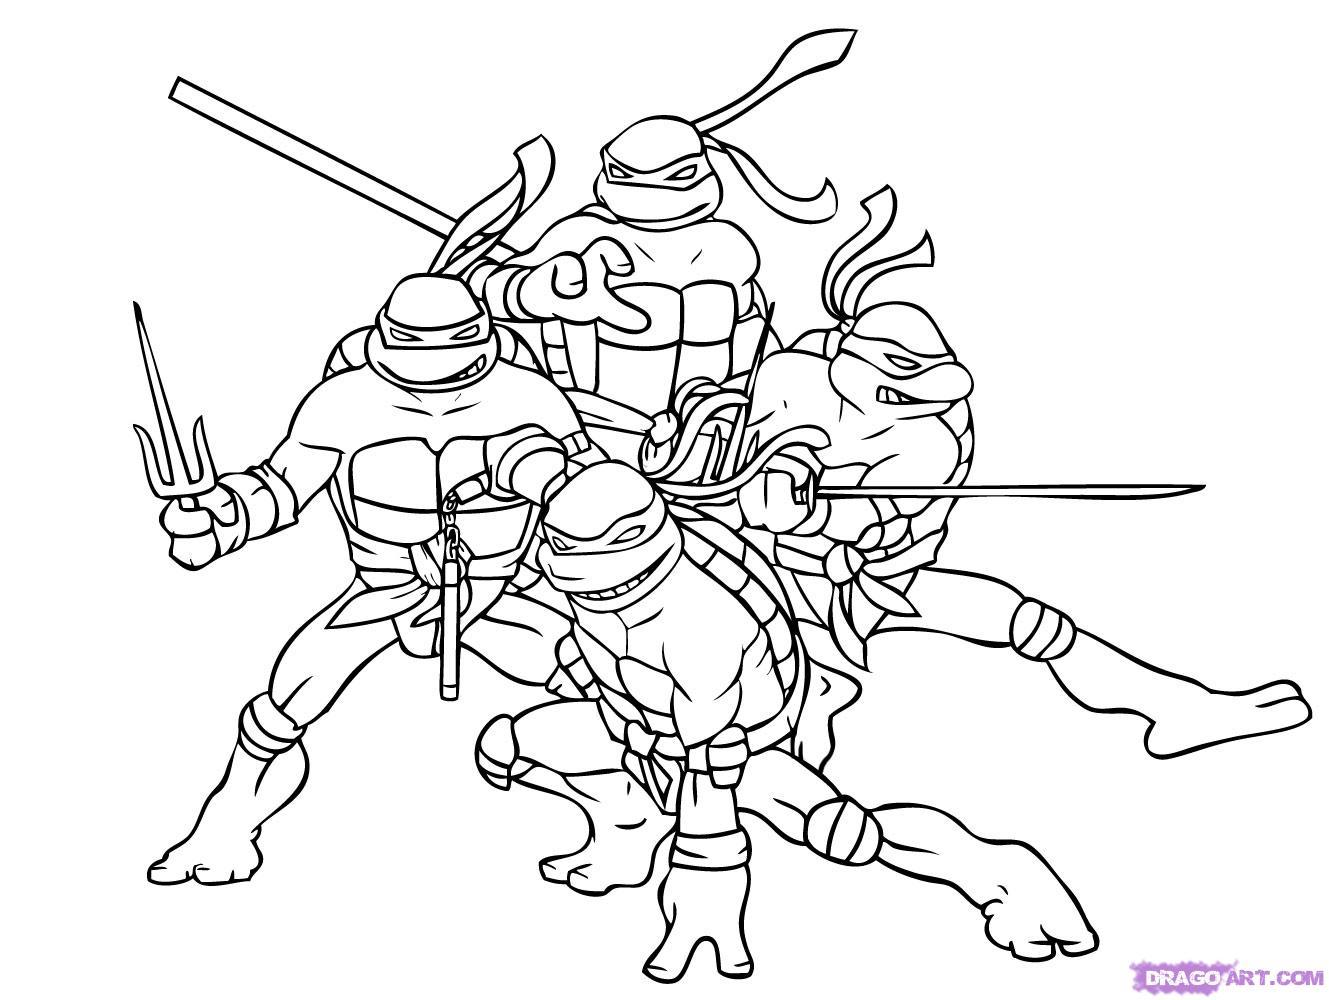 Как нарисовать Черепашек Ниндзя из TMNT 2007 (8)